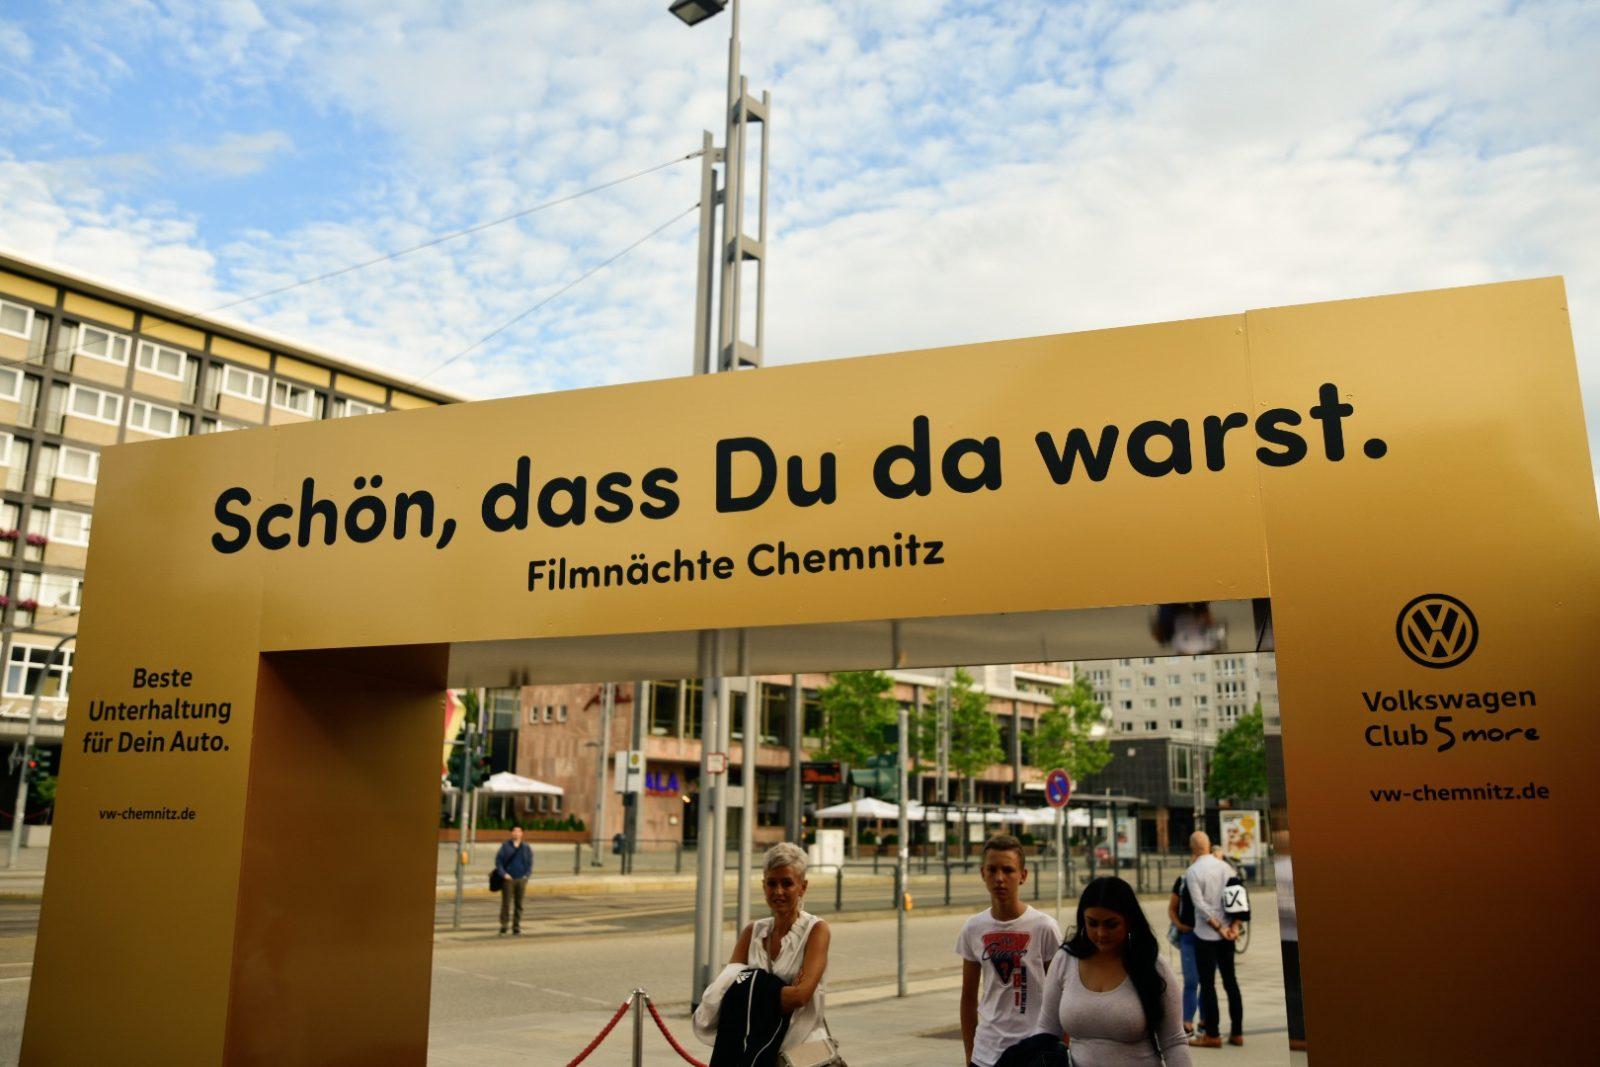 """Ausgang der Filmnächte Chemnitz mit Schrifttafel """"Schön, dass Du da warst."""""""